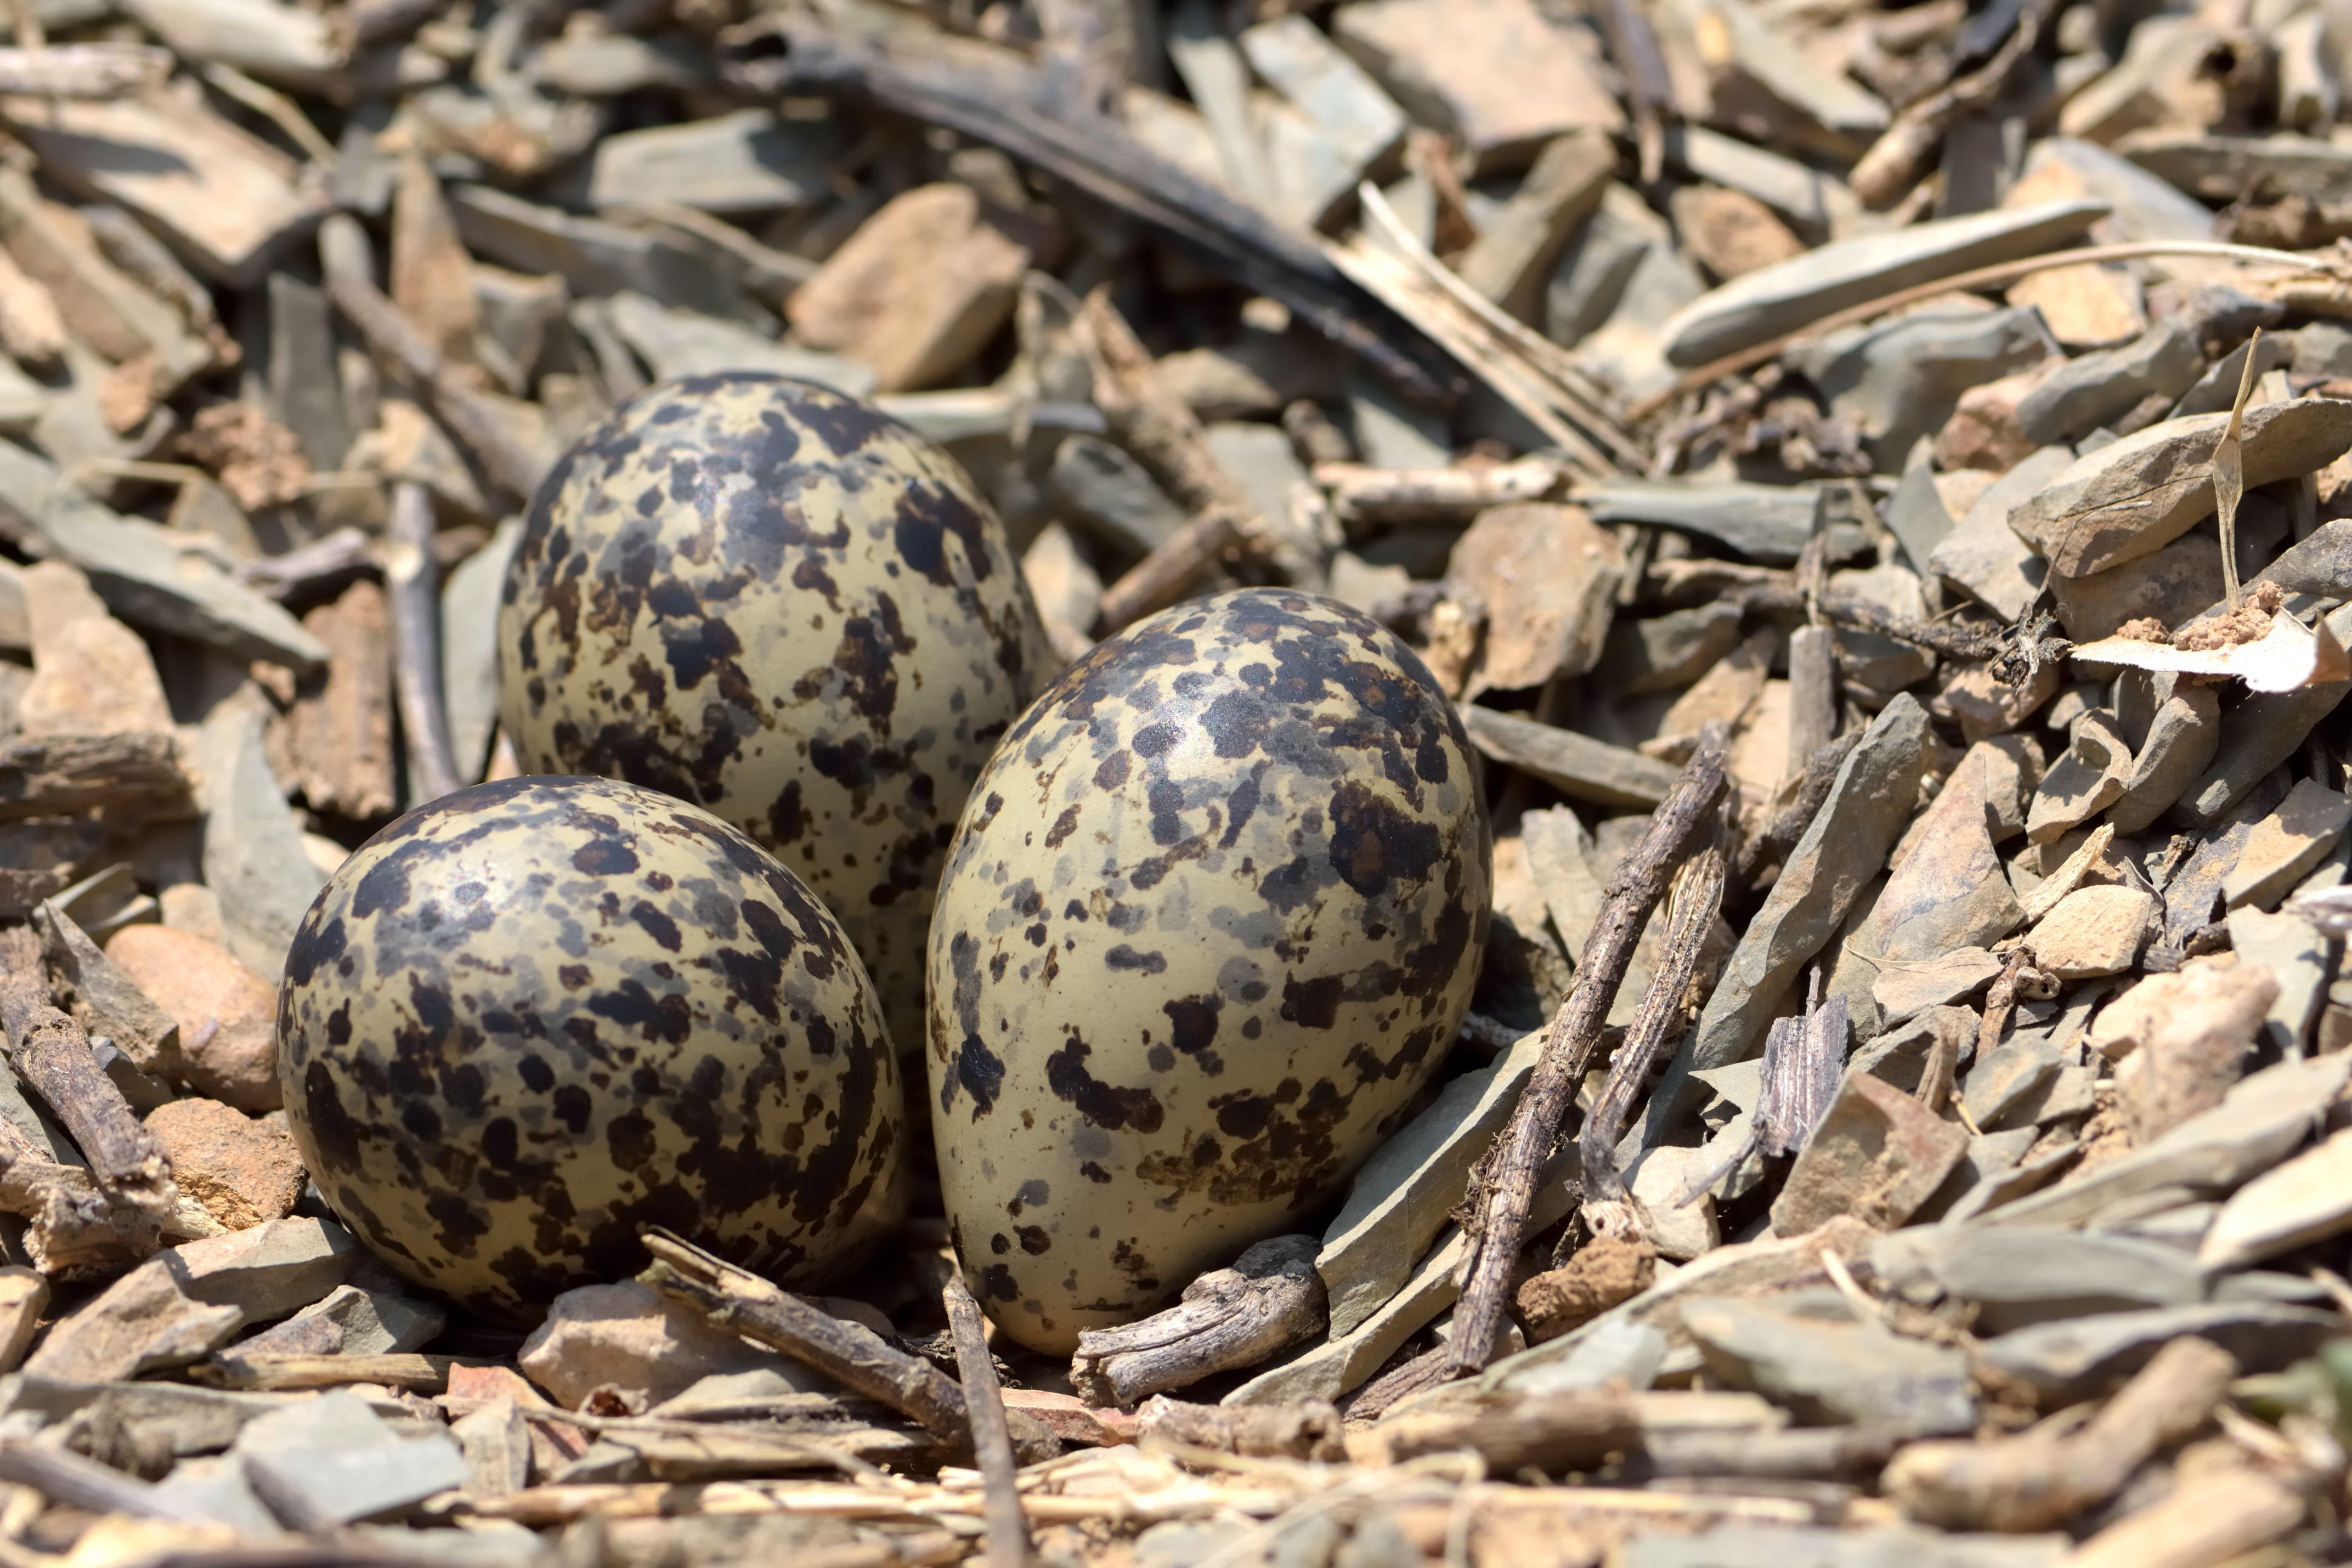 Dinosaur eggs on the rock